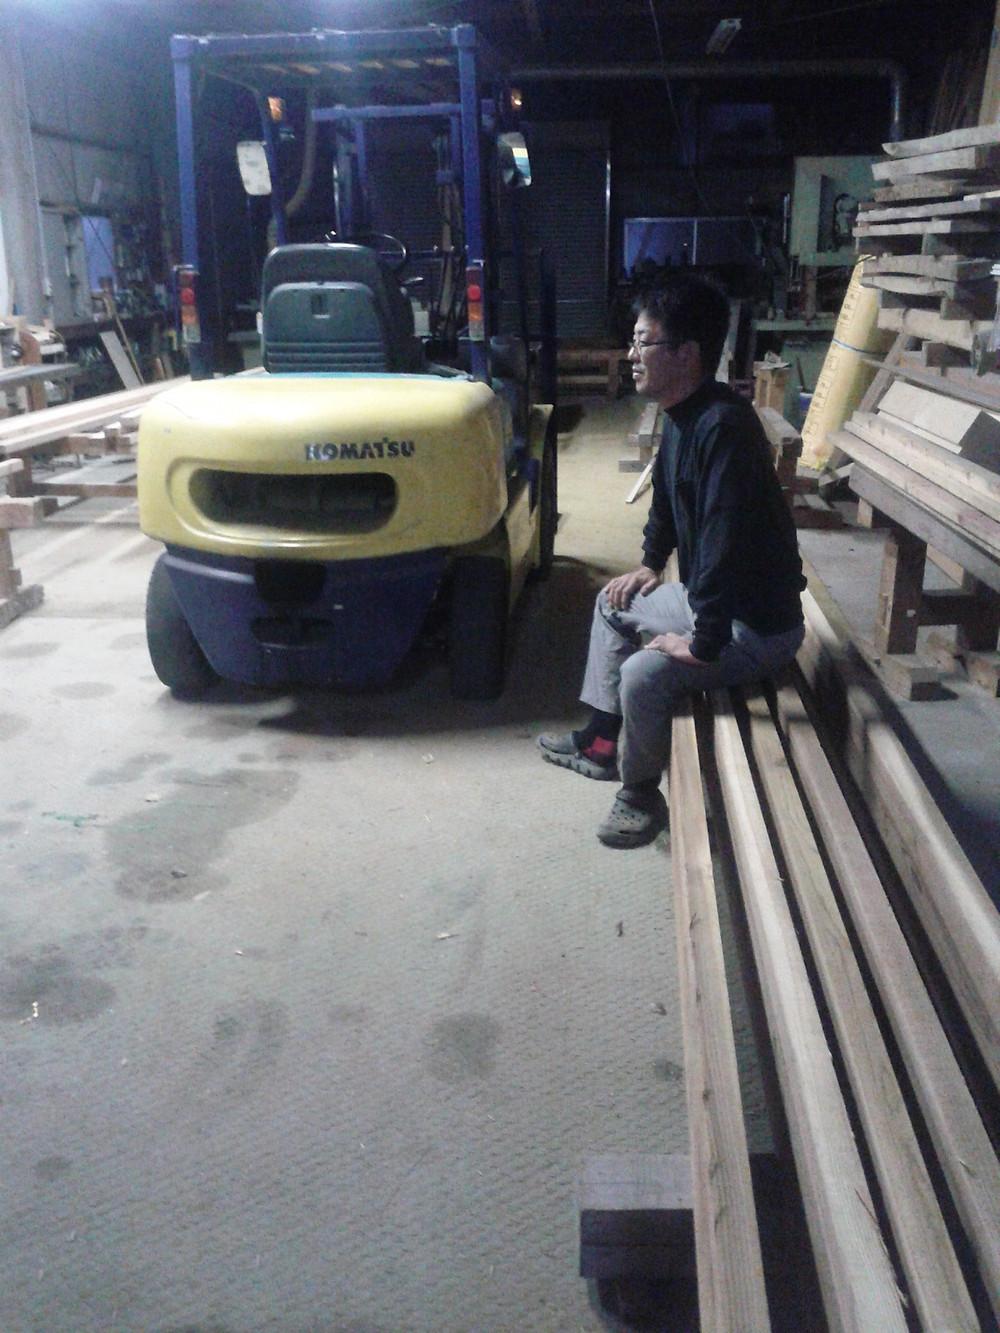 早朝5時、福岡の鷹巣工務店では仕事の段取りをして積み込み開始 宗像のお仕事に今日も張り切って出発!杉の選りすぐりのいい材料を仕入れました。工場の中はいい香り